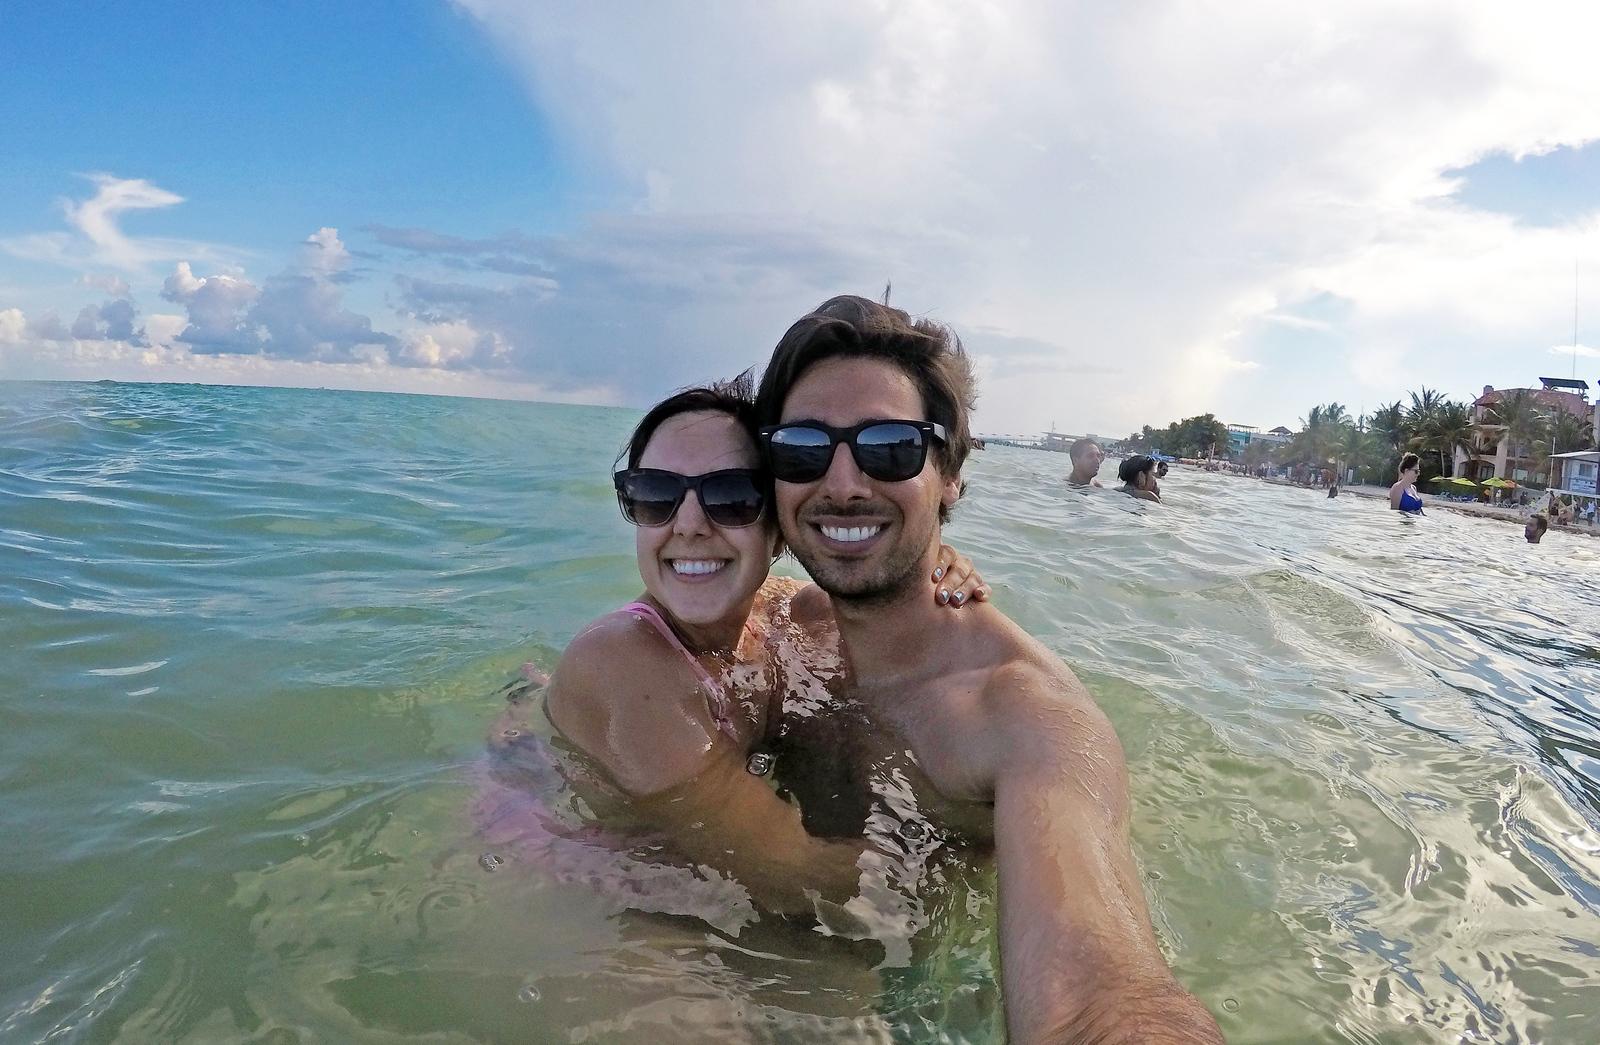 Playa Del Carmen Beaches